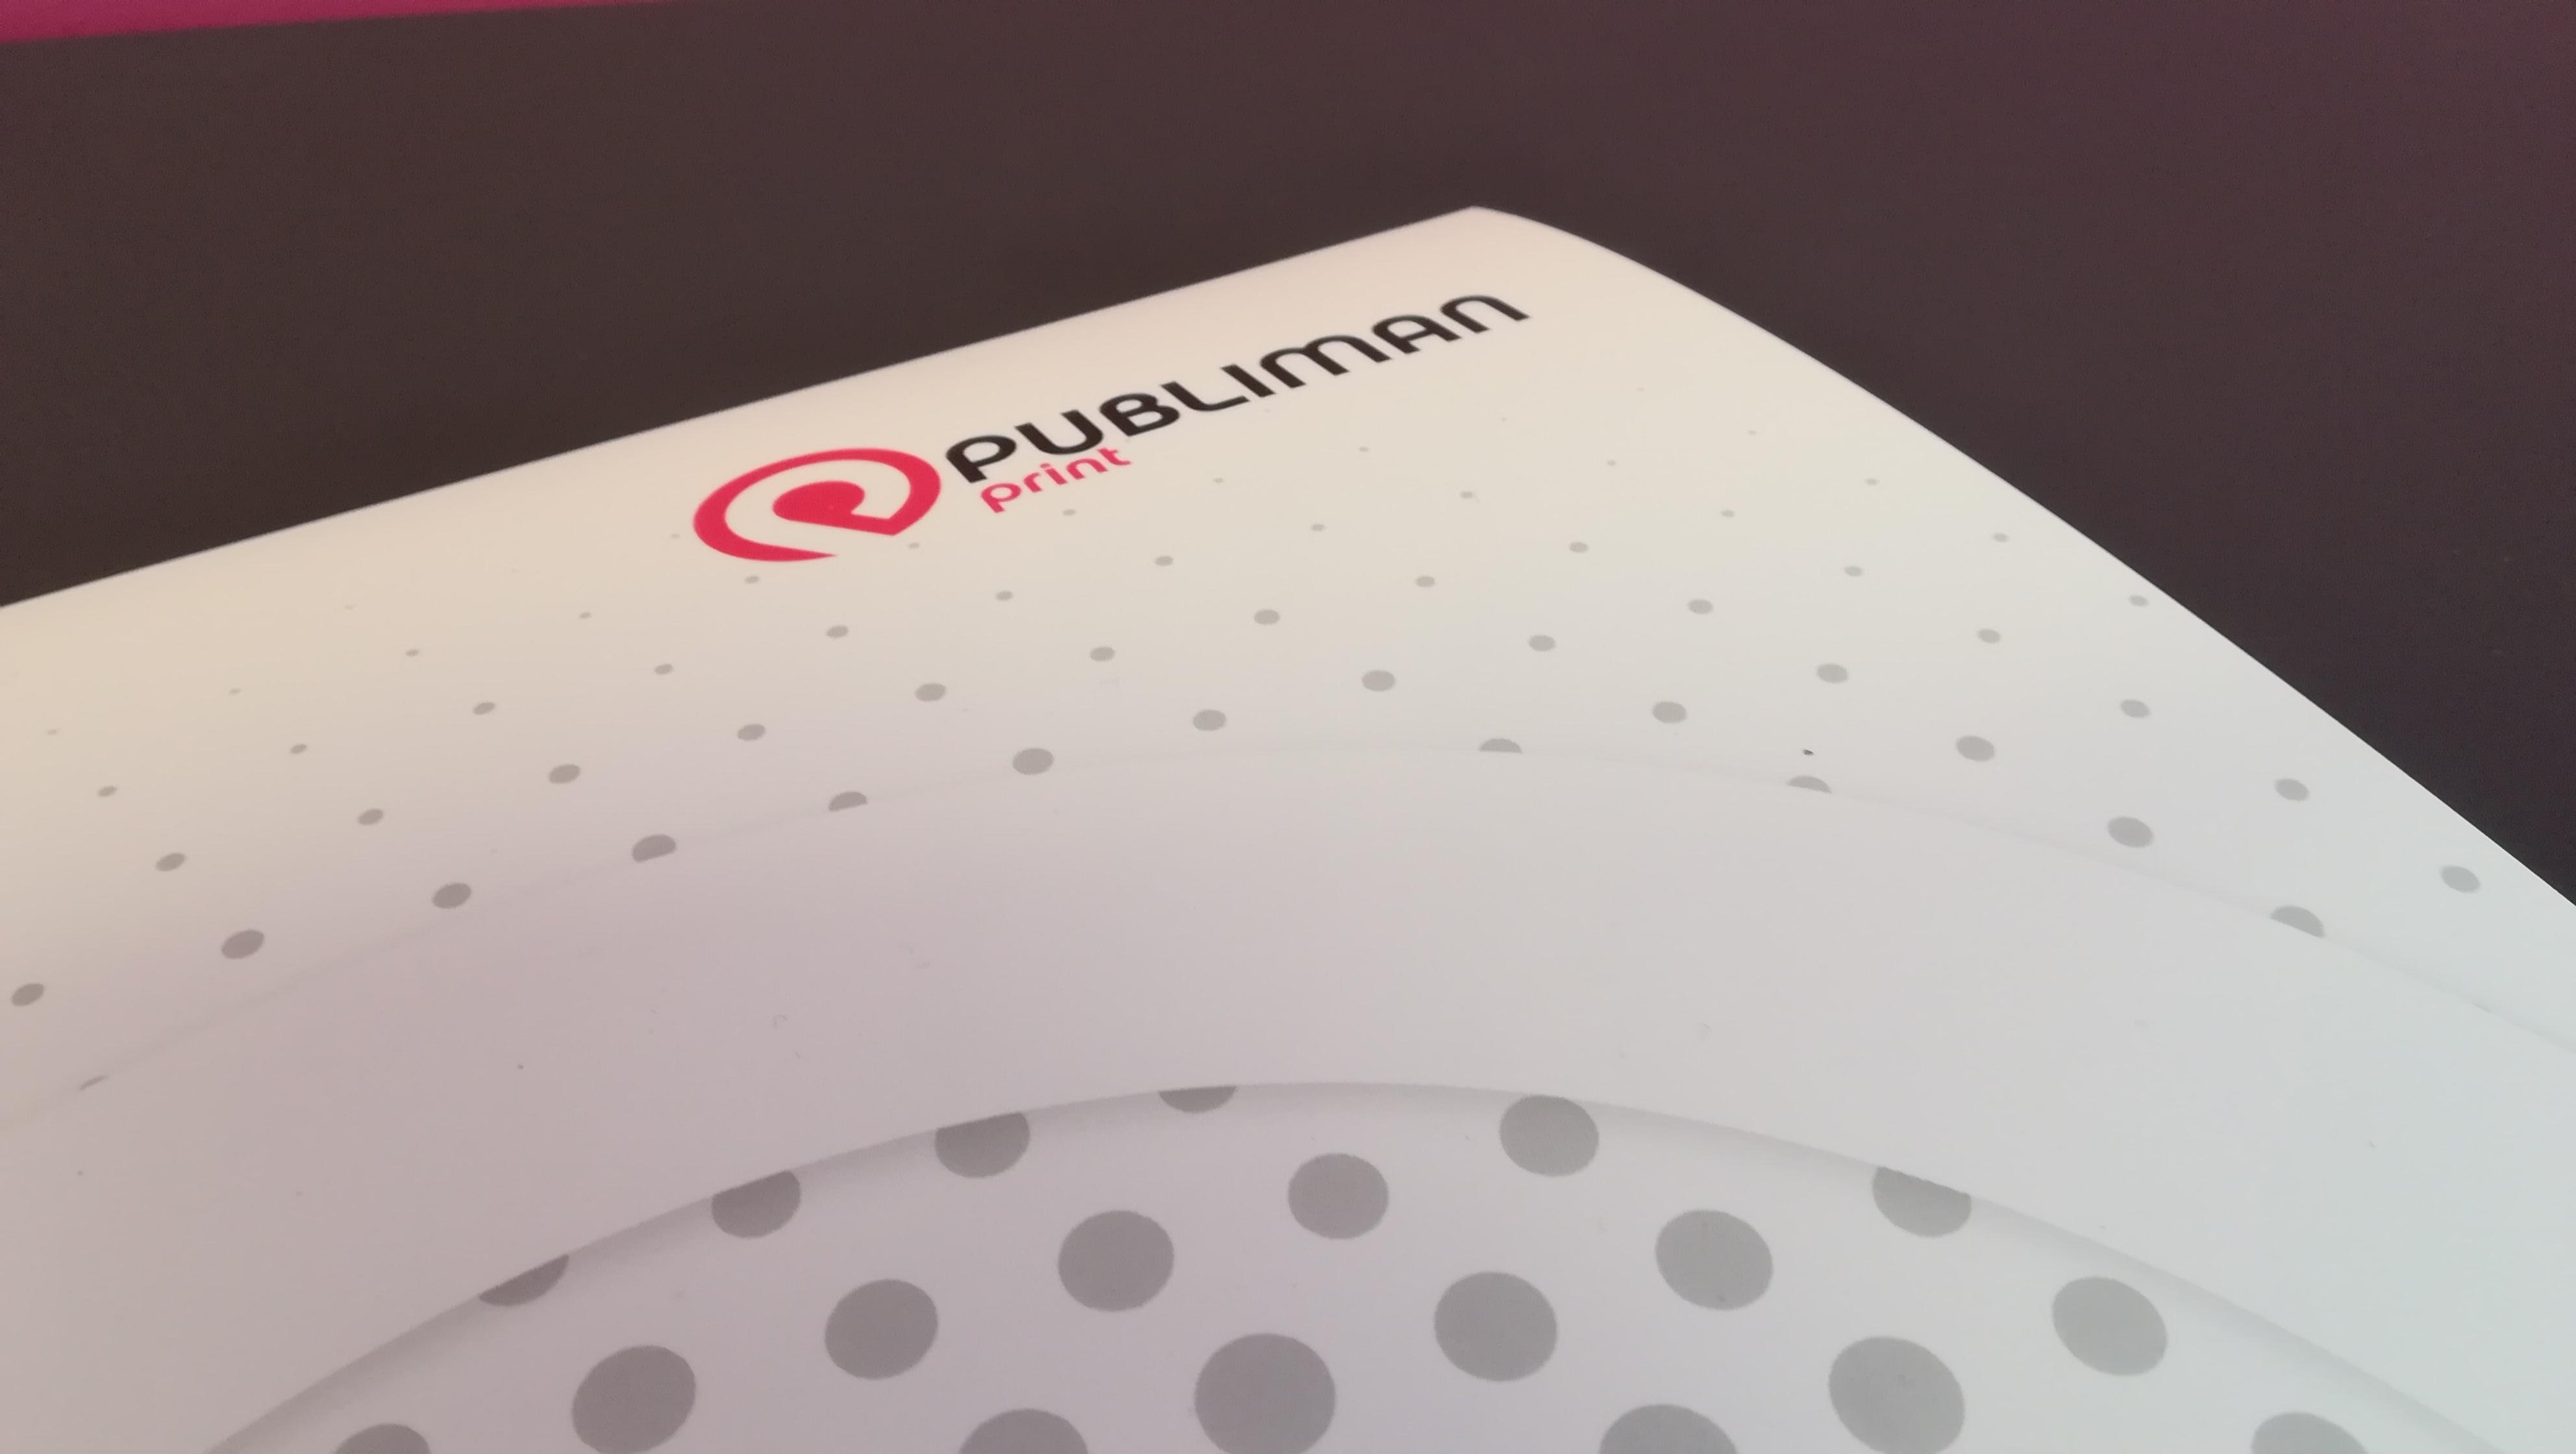 creation-de-plaquette-imprimeur-publiman-dordogne